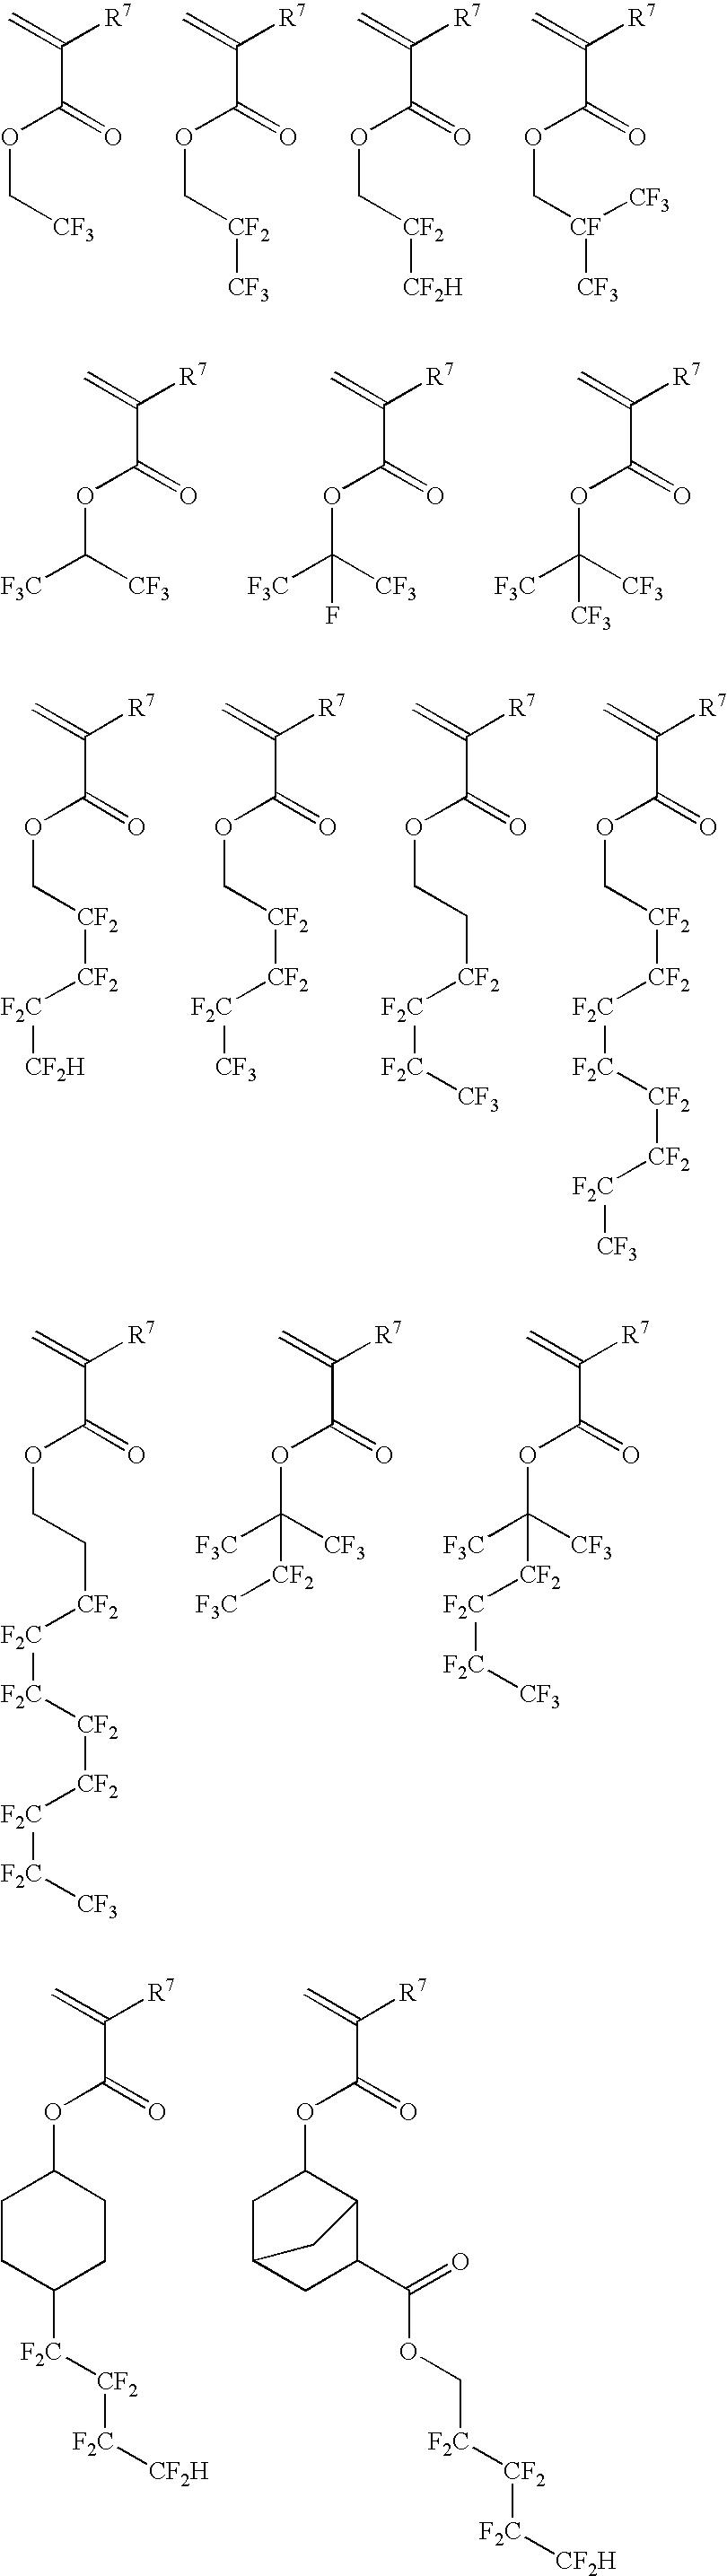 Figure US20090011365A1-20090108-C00015